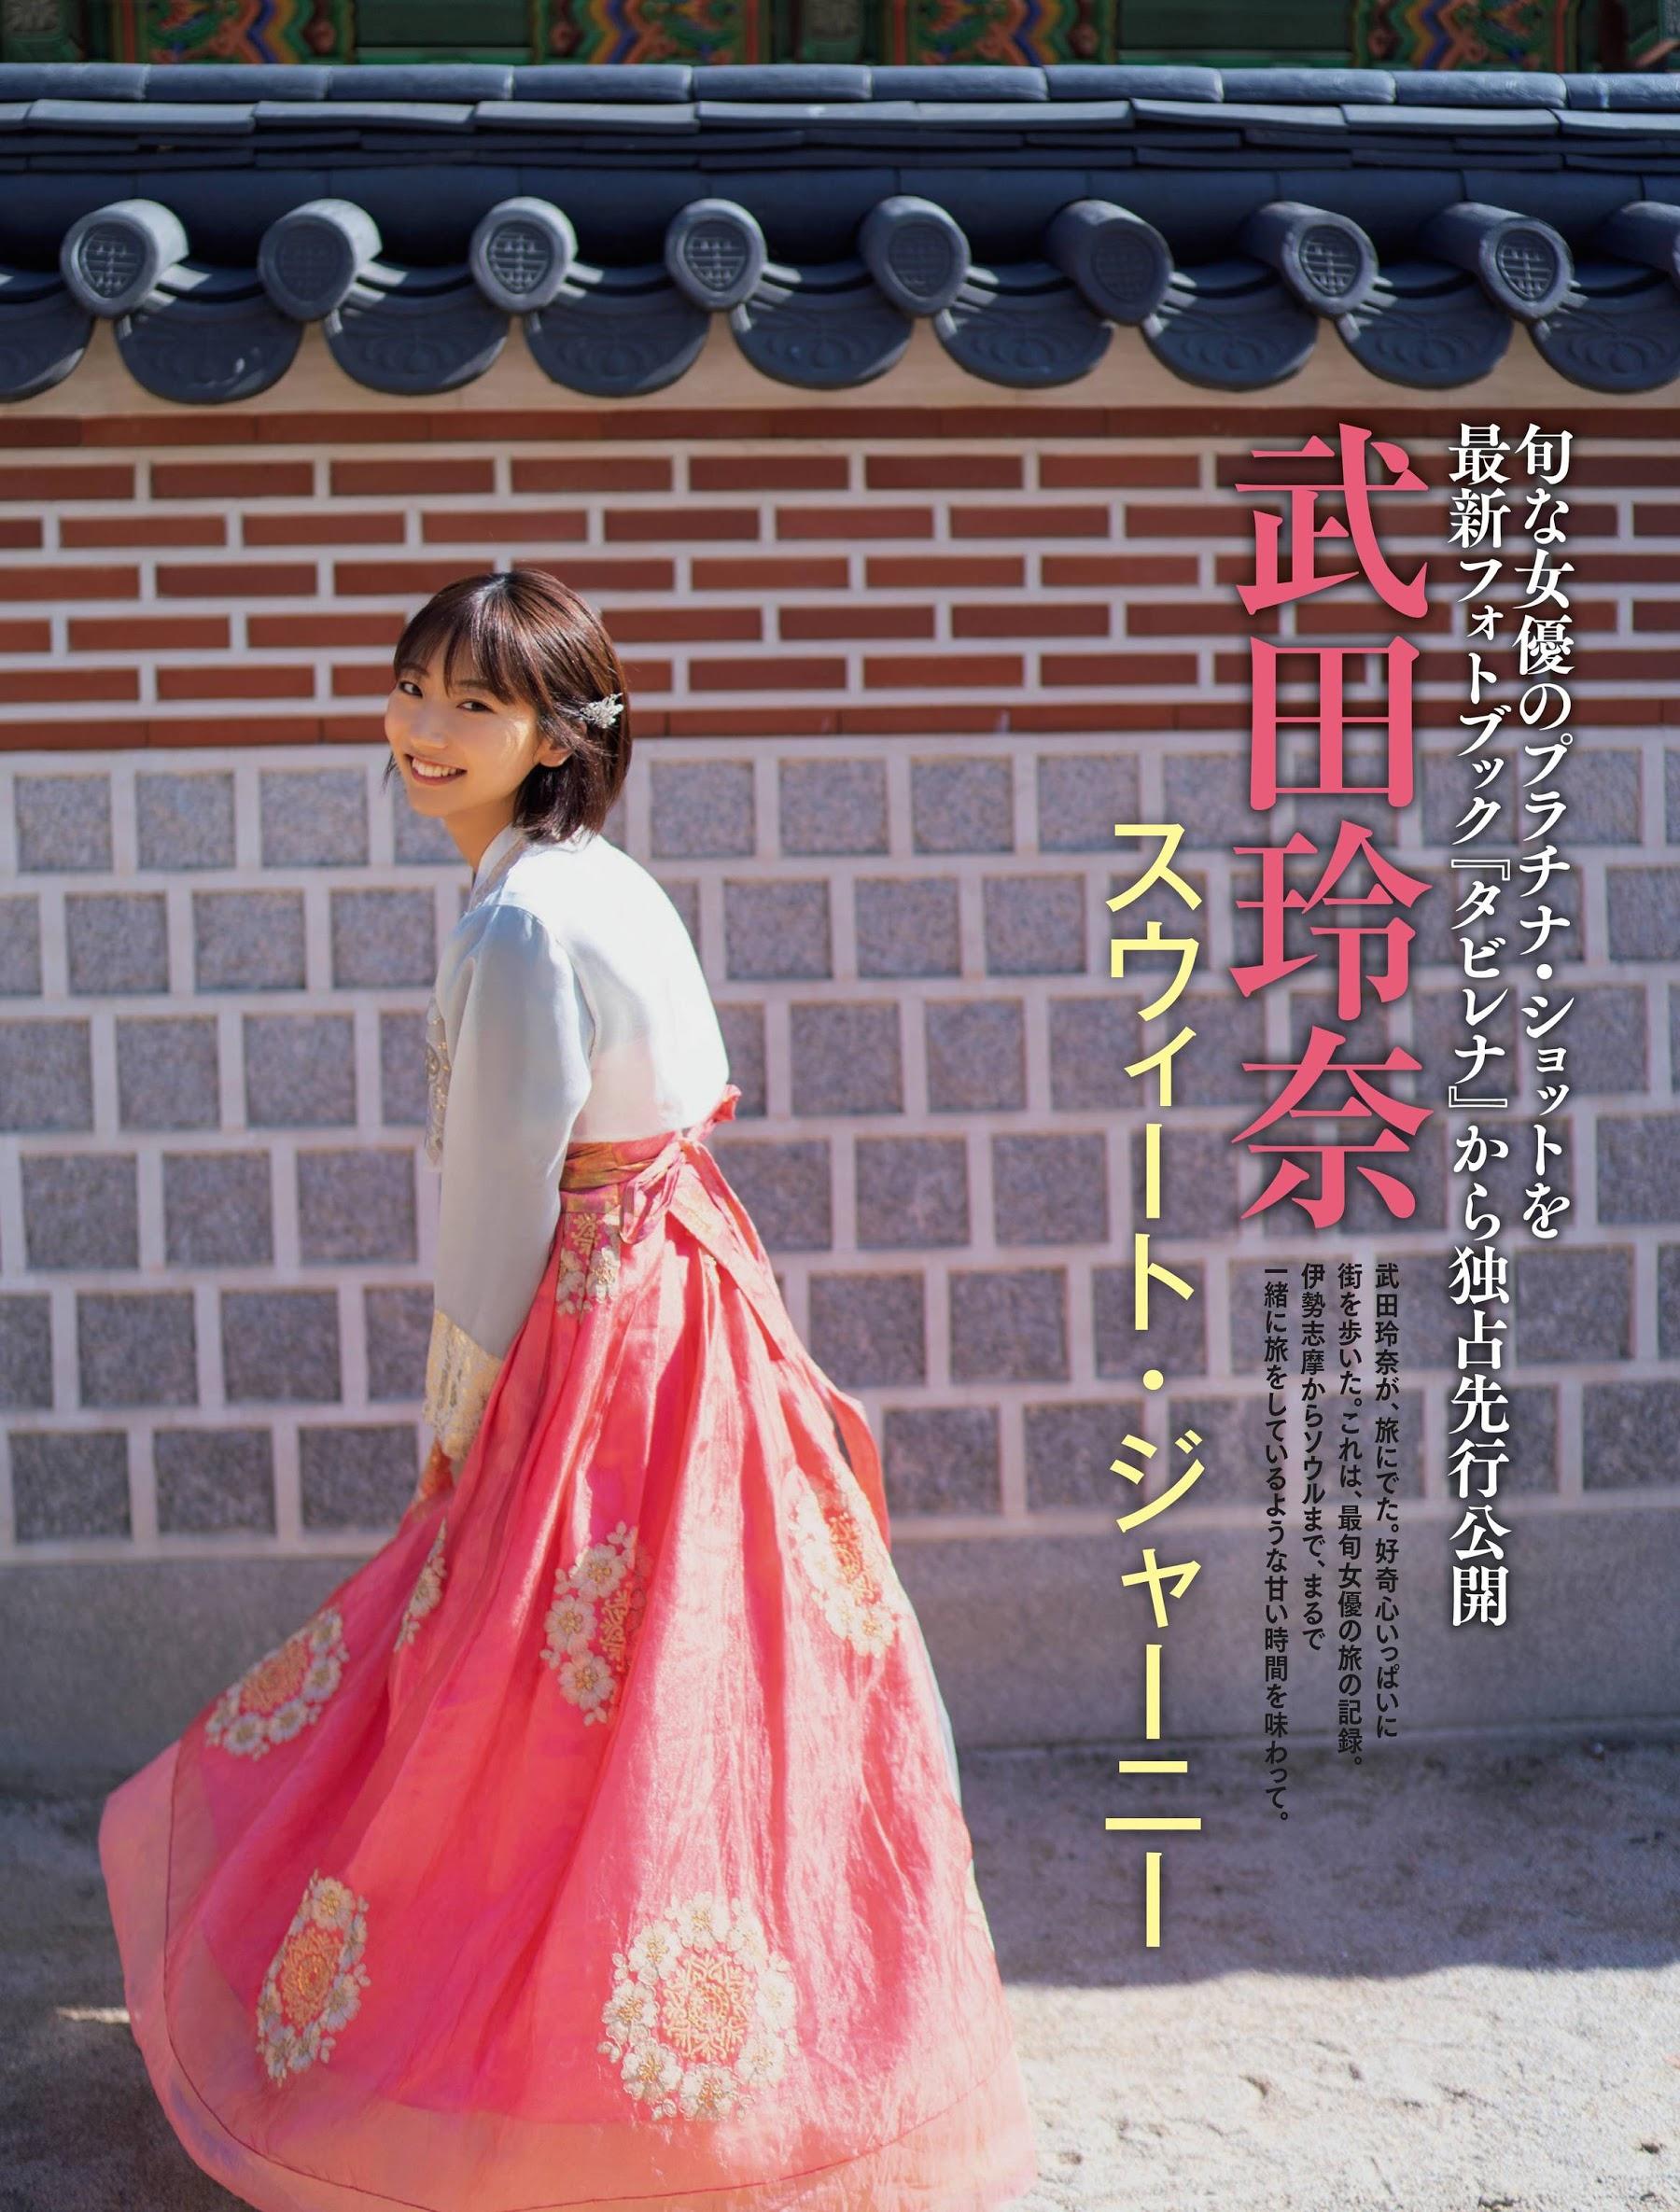 FRIDAY 2020.03.27-04.03 武田玲奈 最新写真集美图先行公开